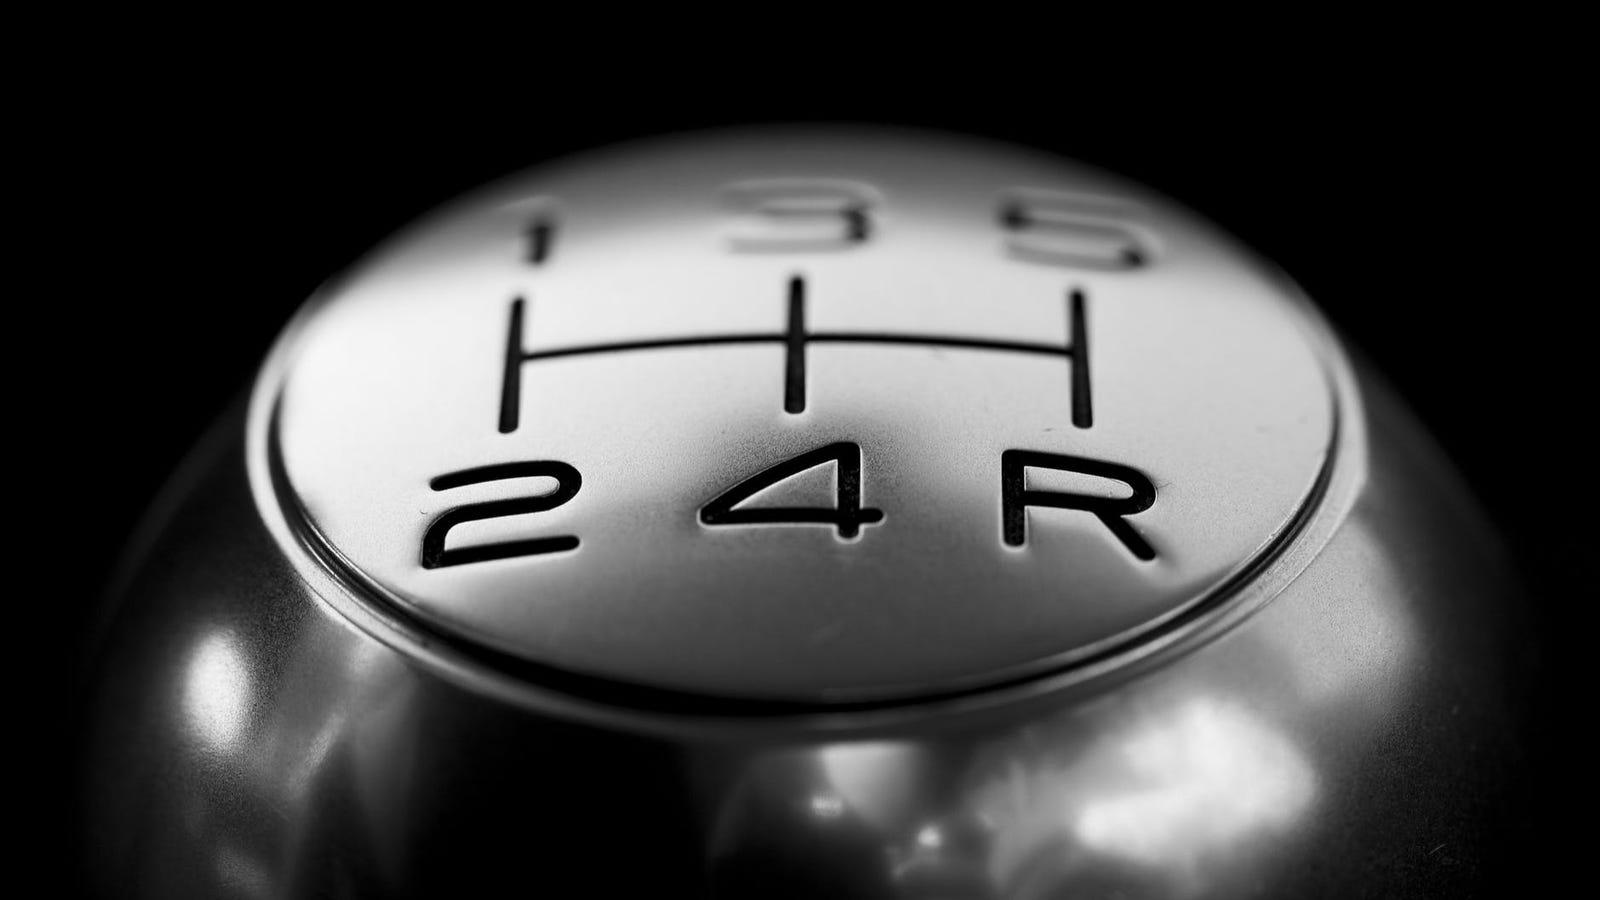 Aprende a manejar un automóvil con cambio manual en solo cinco minutos con este vídeo